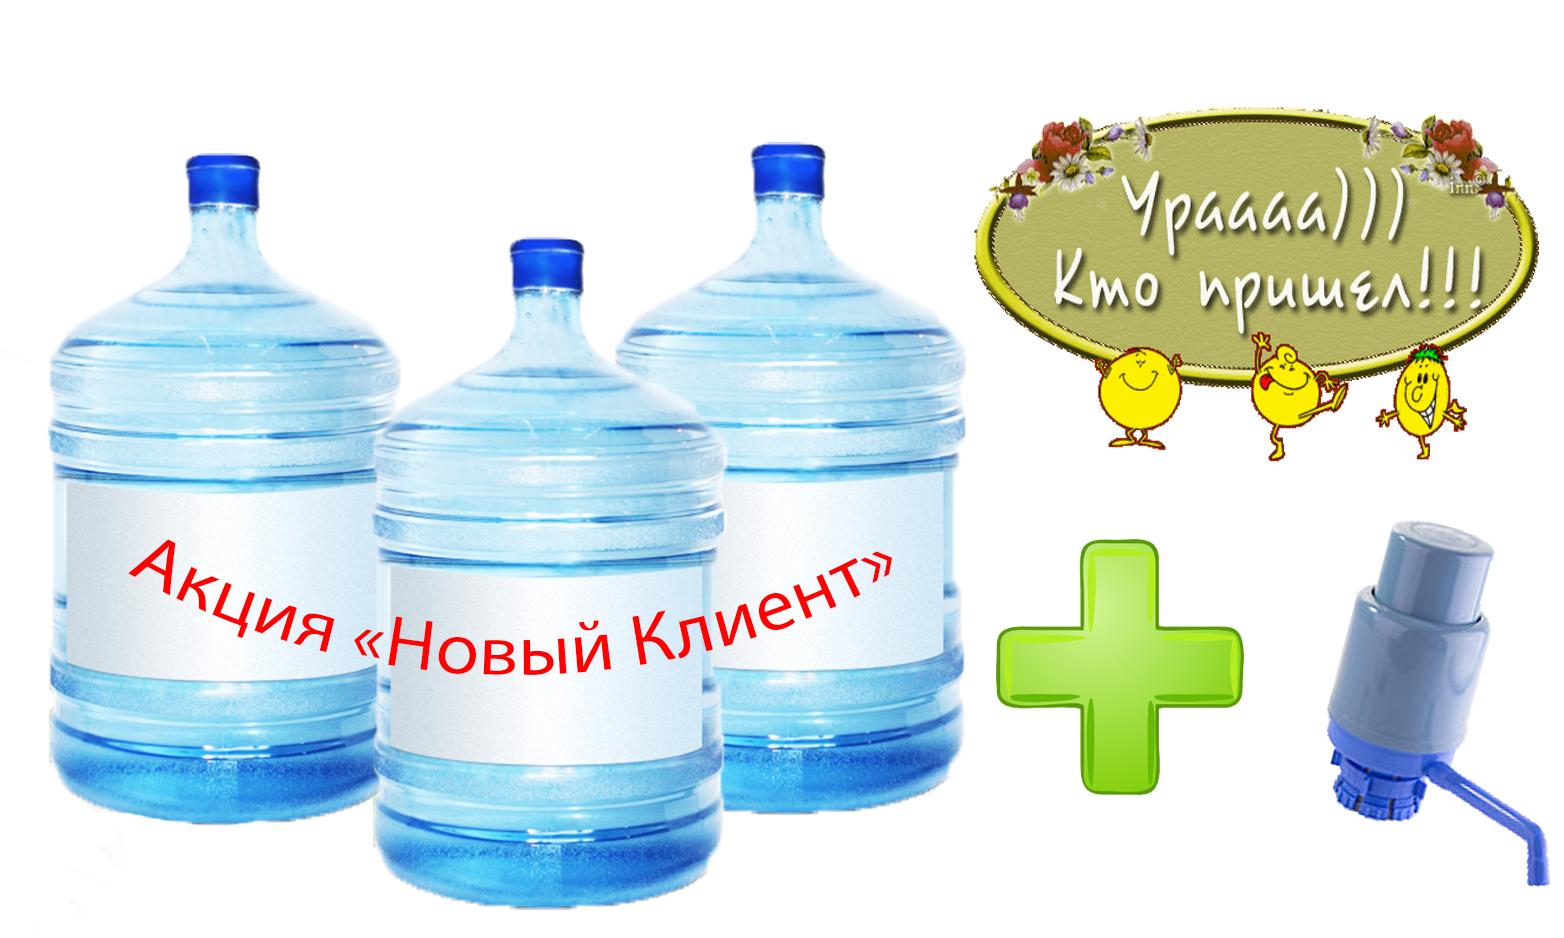 Евпатория доставка воды 20 помпа в подарок 81